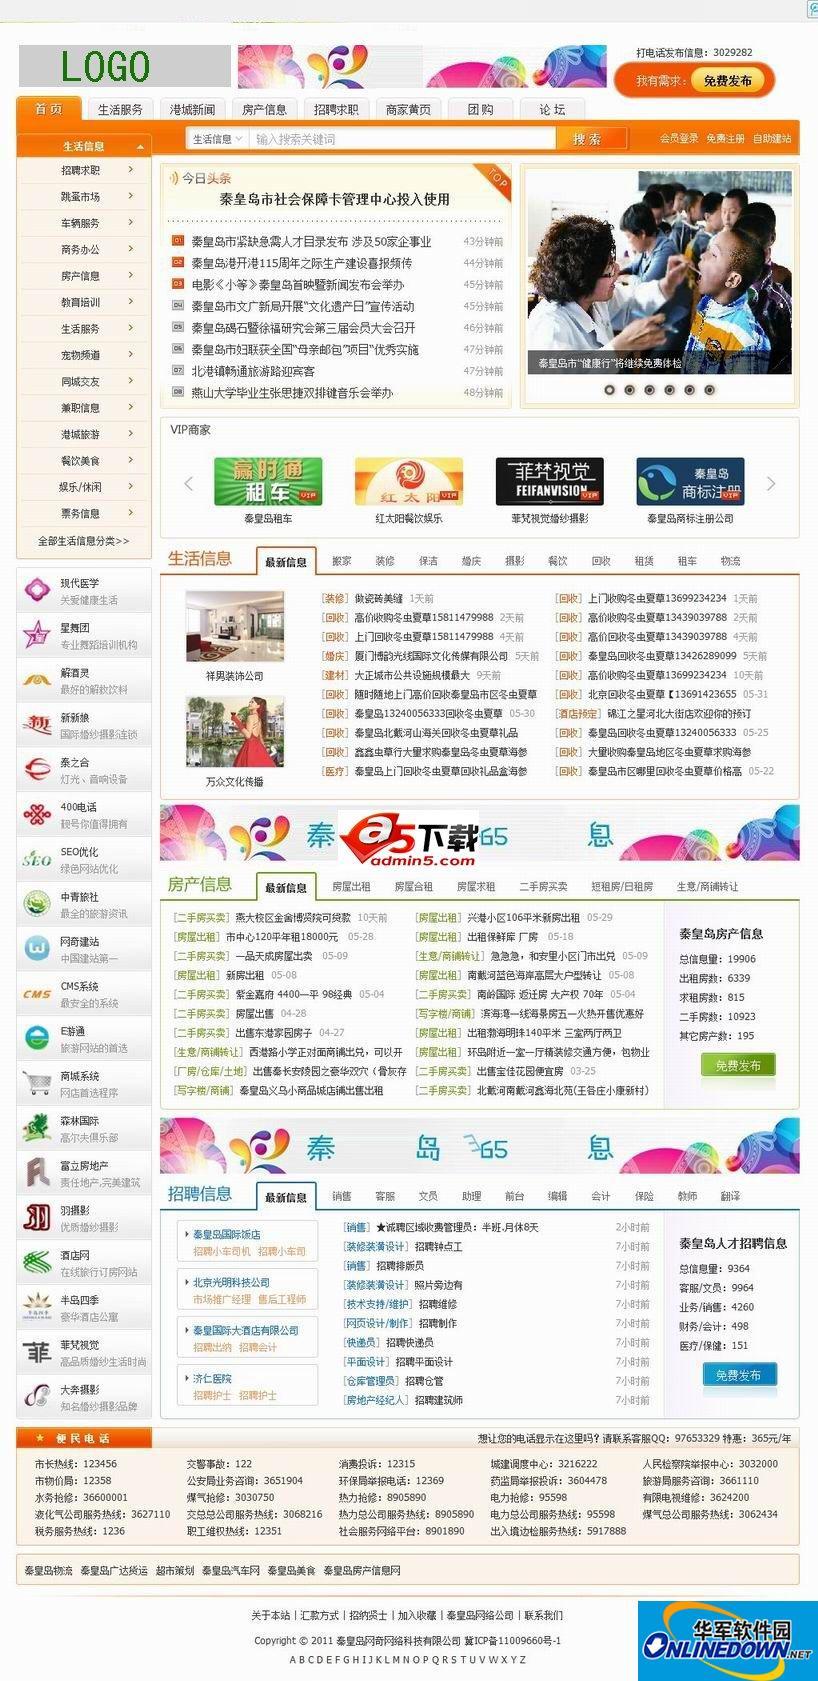 地方门户信息网 1.1